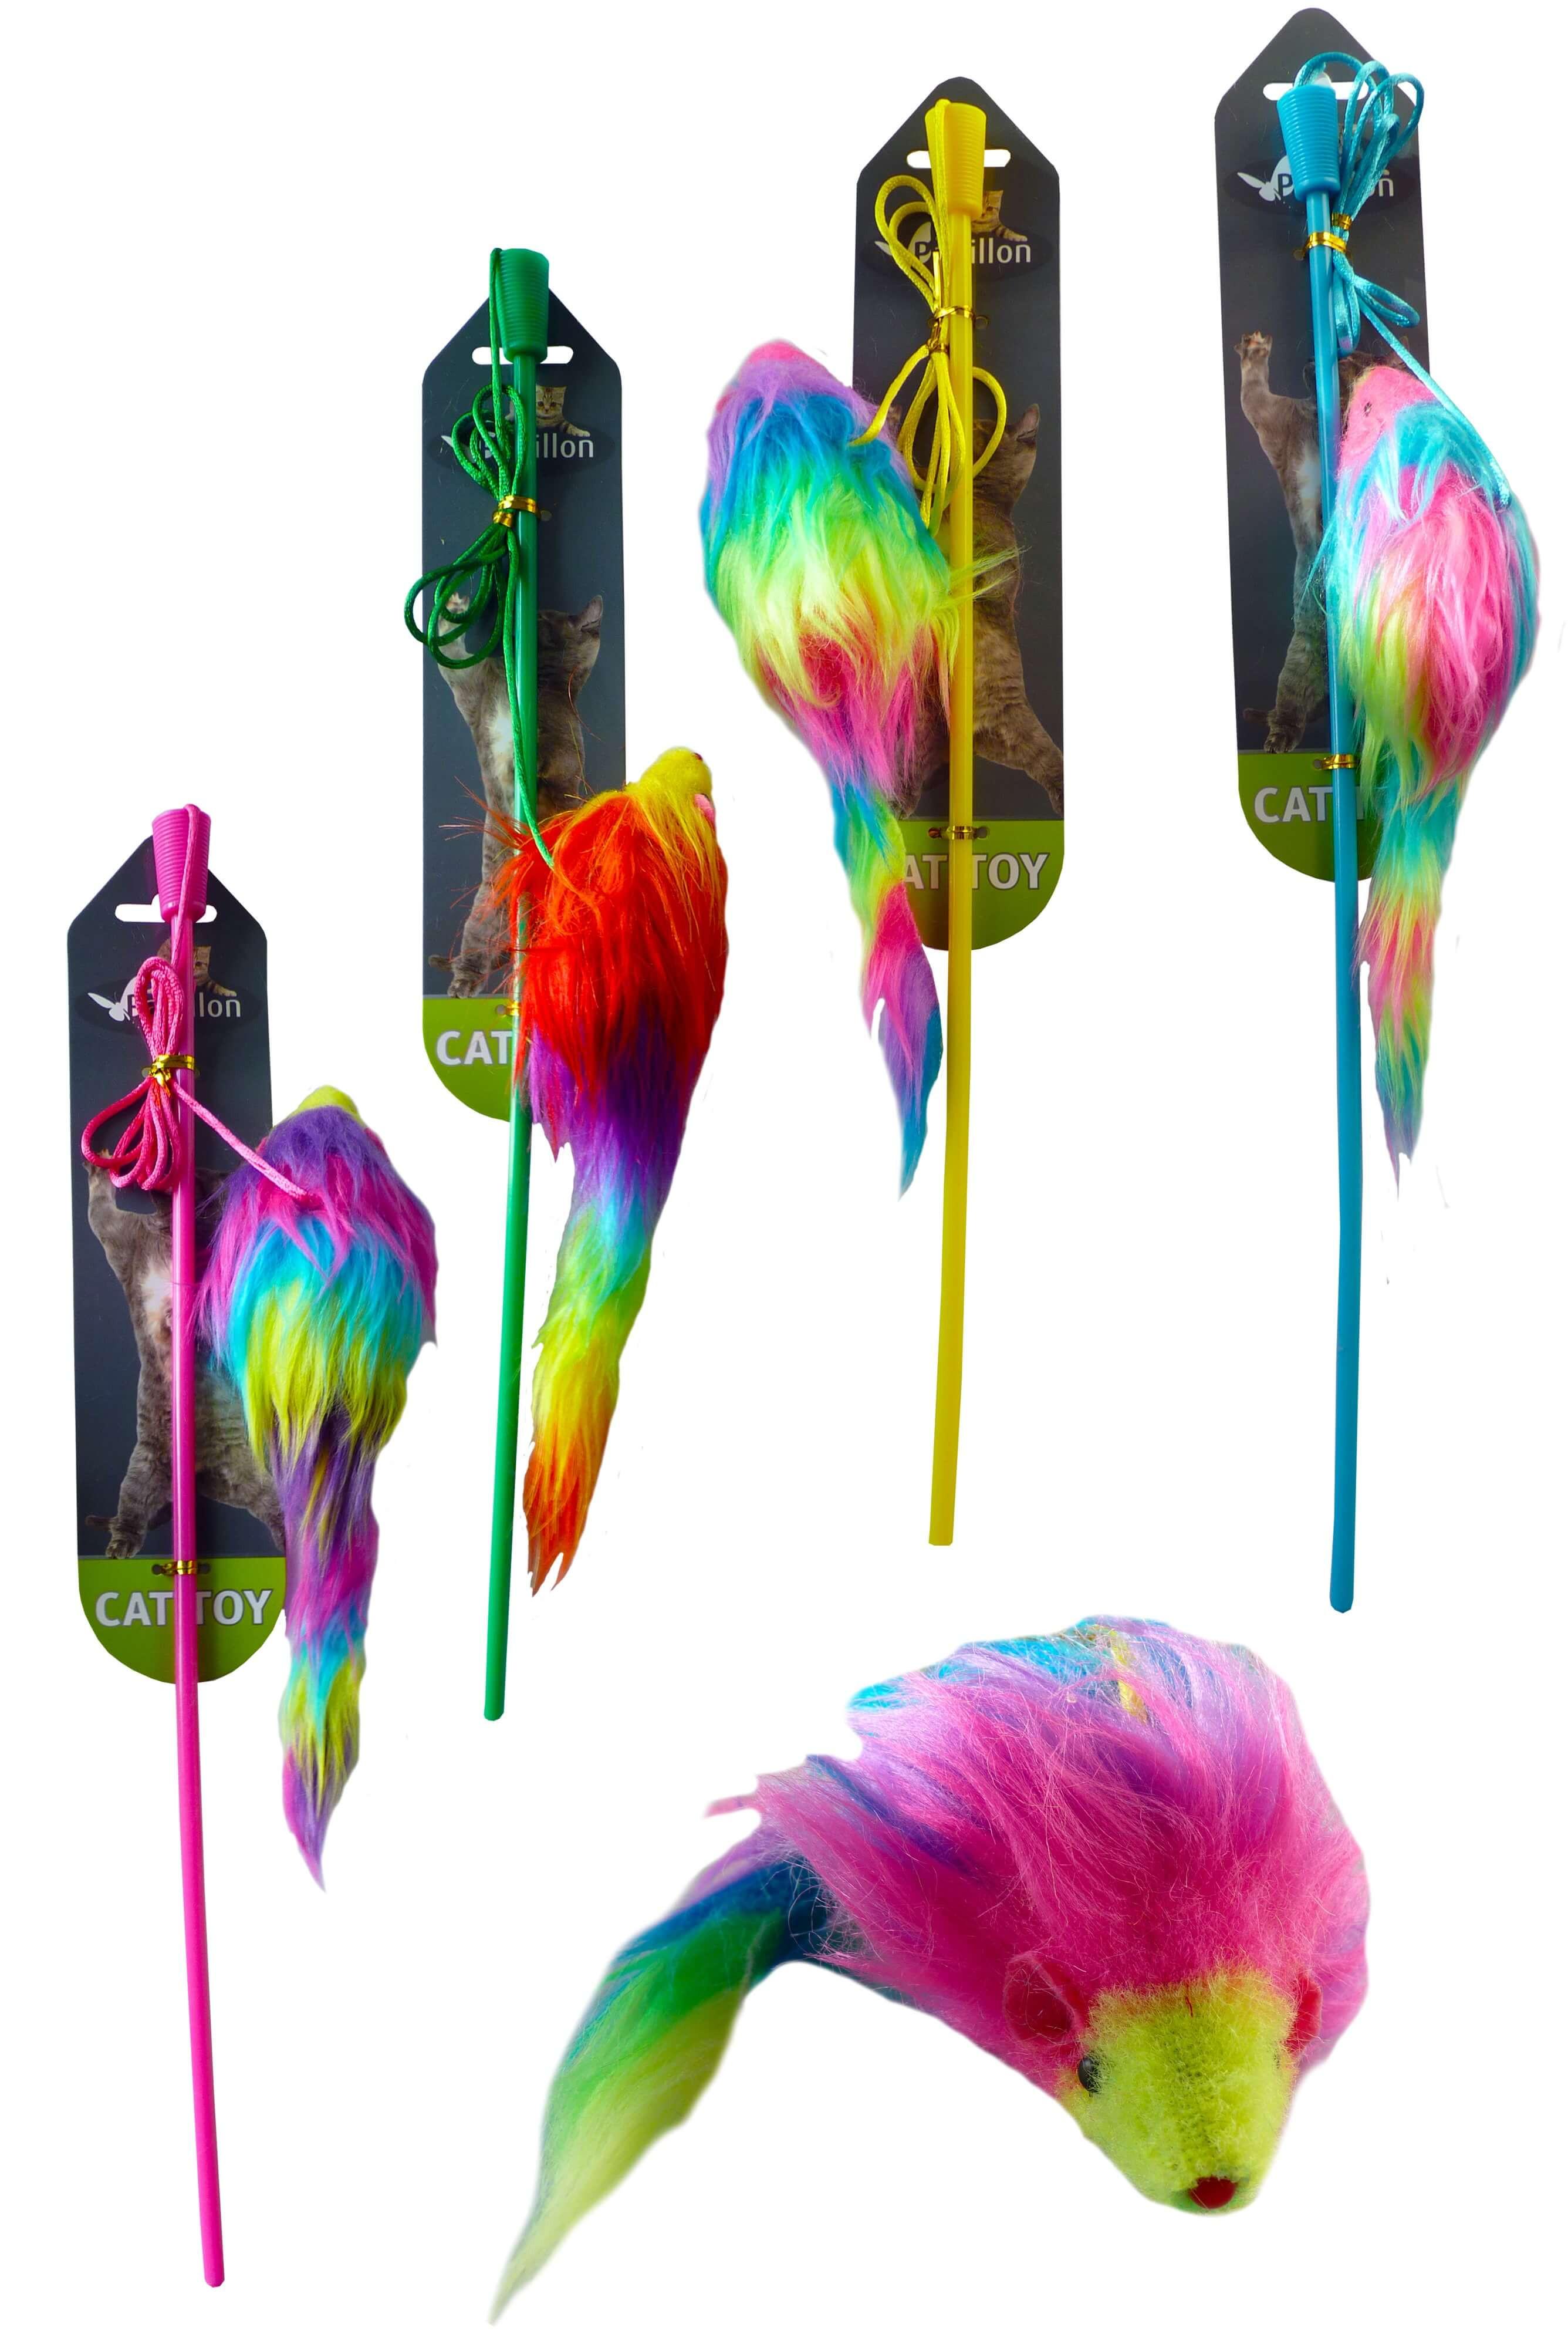 Angelrute mit Regenbogenmaus für die Katze